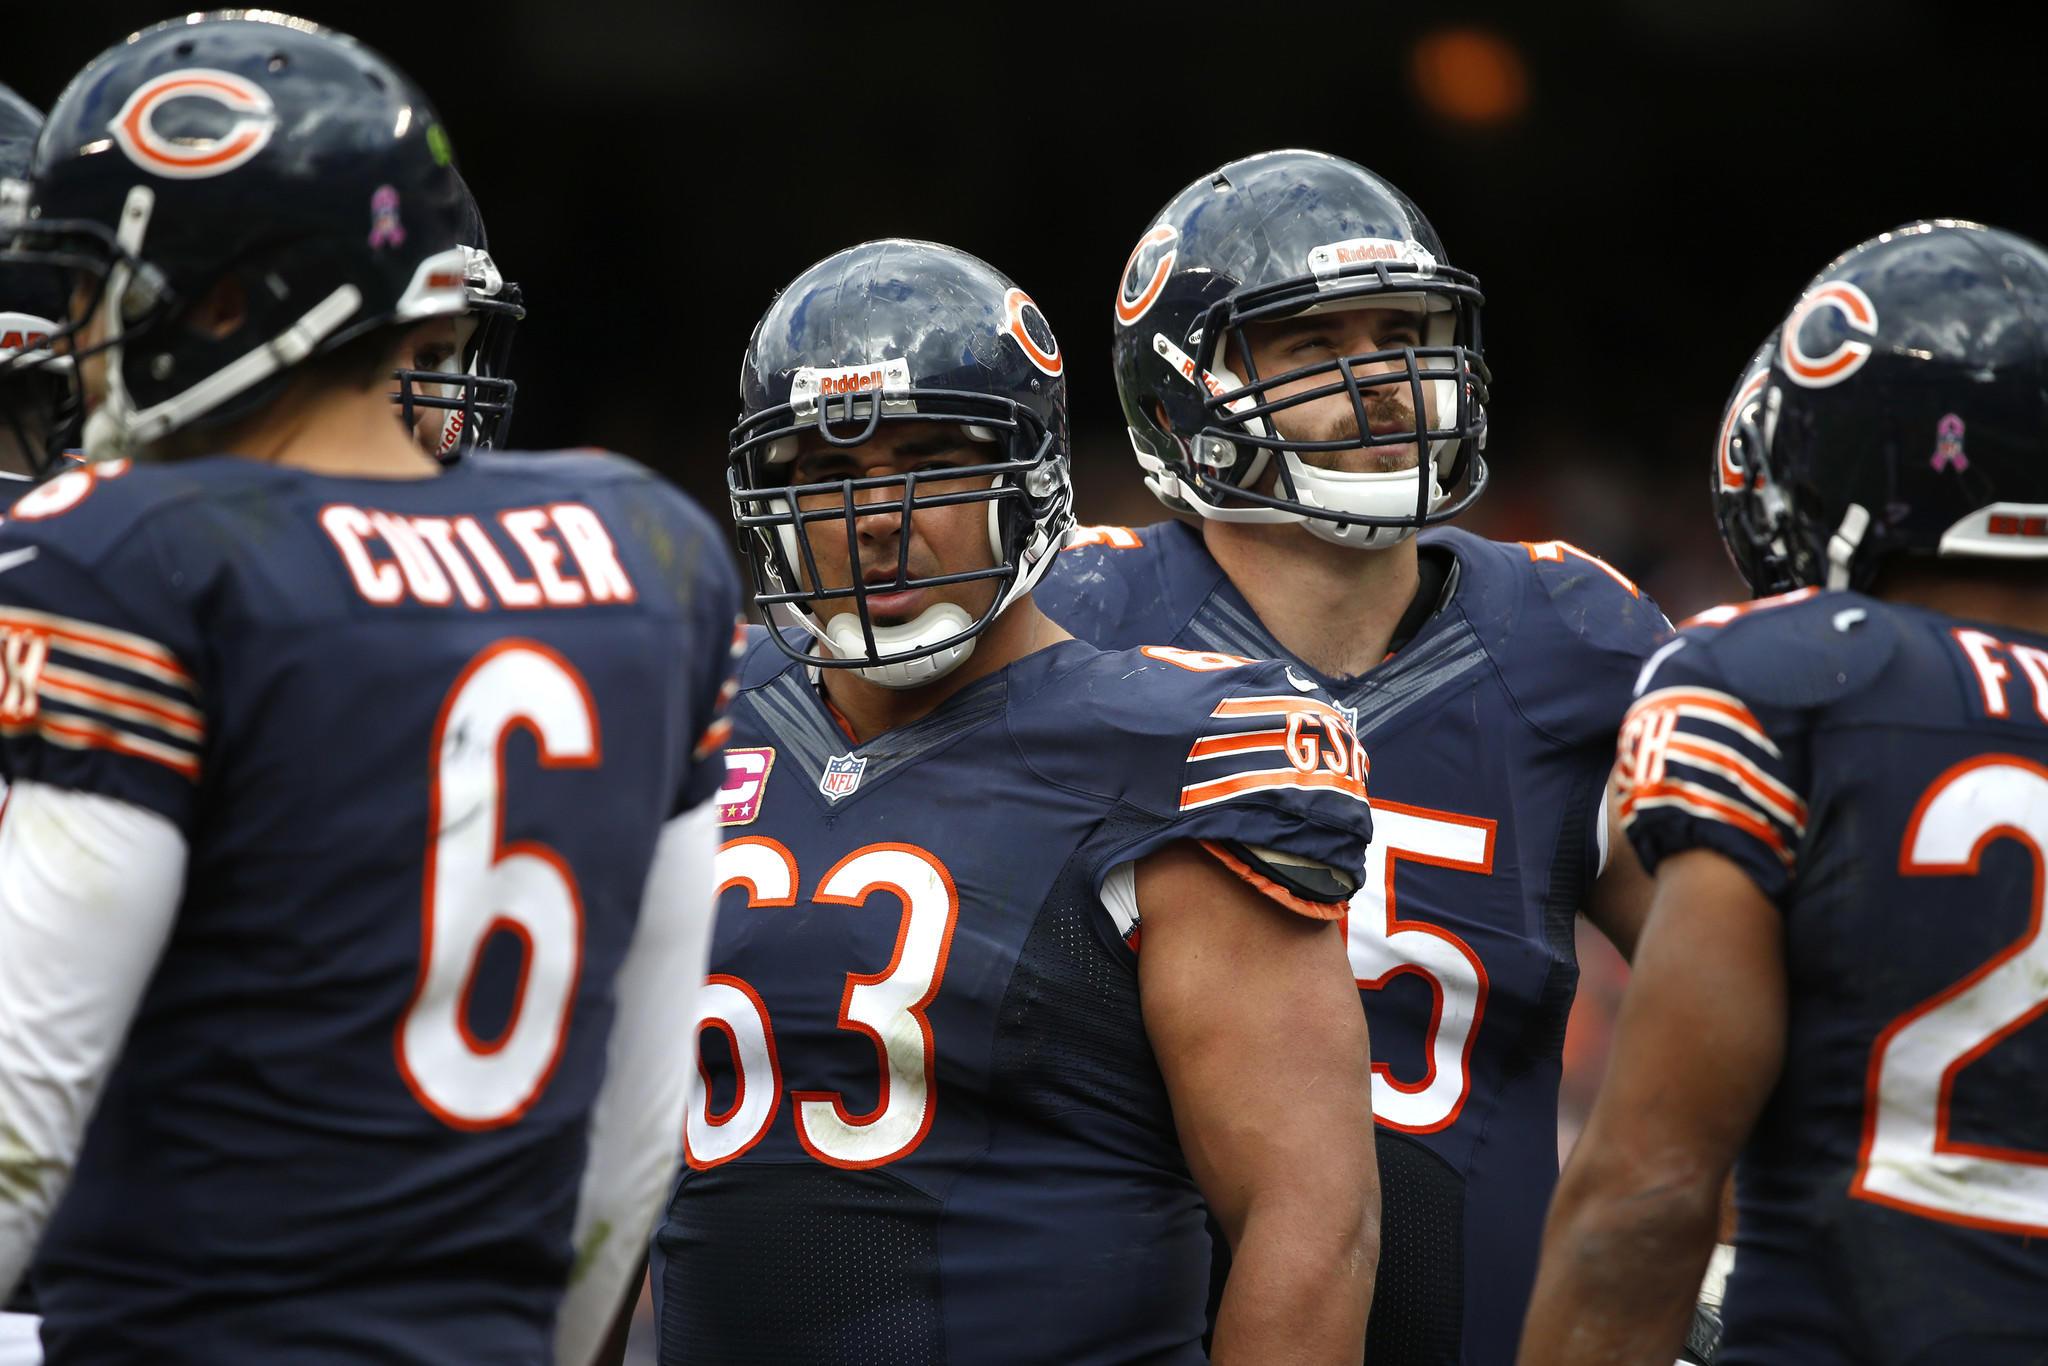 Chicago Bears center Roberto Garza.